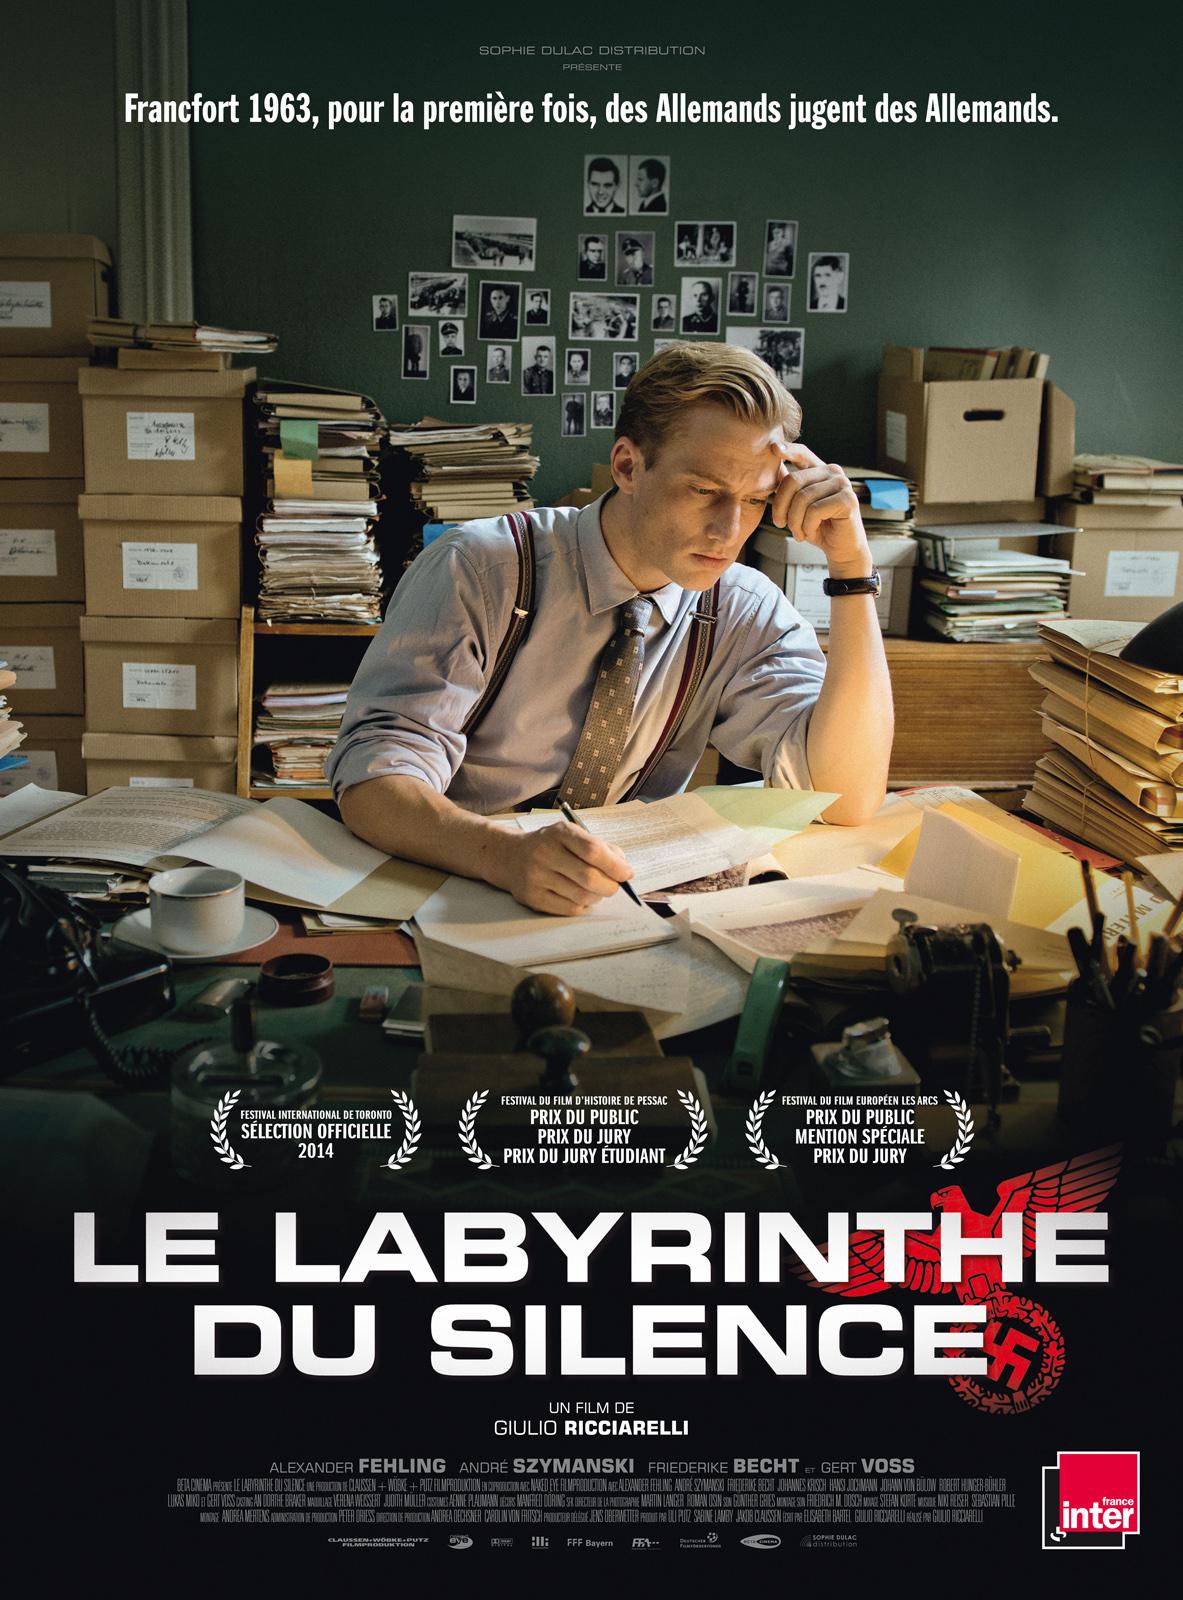 Le Labyrinthe du silence - 2014 - Giulio Ricciarelli 278649